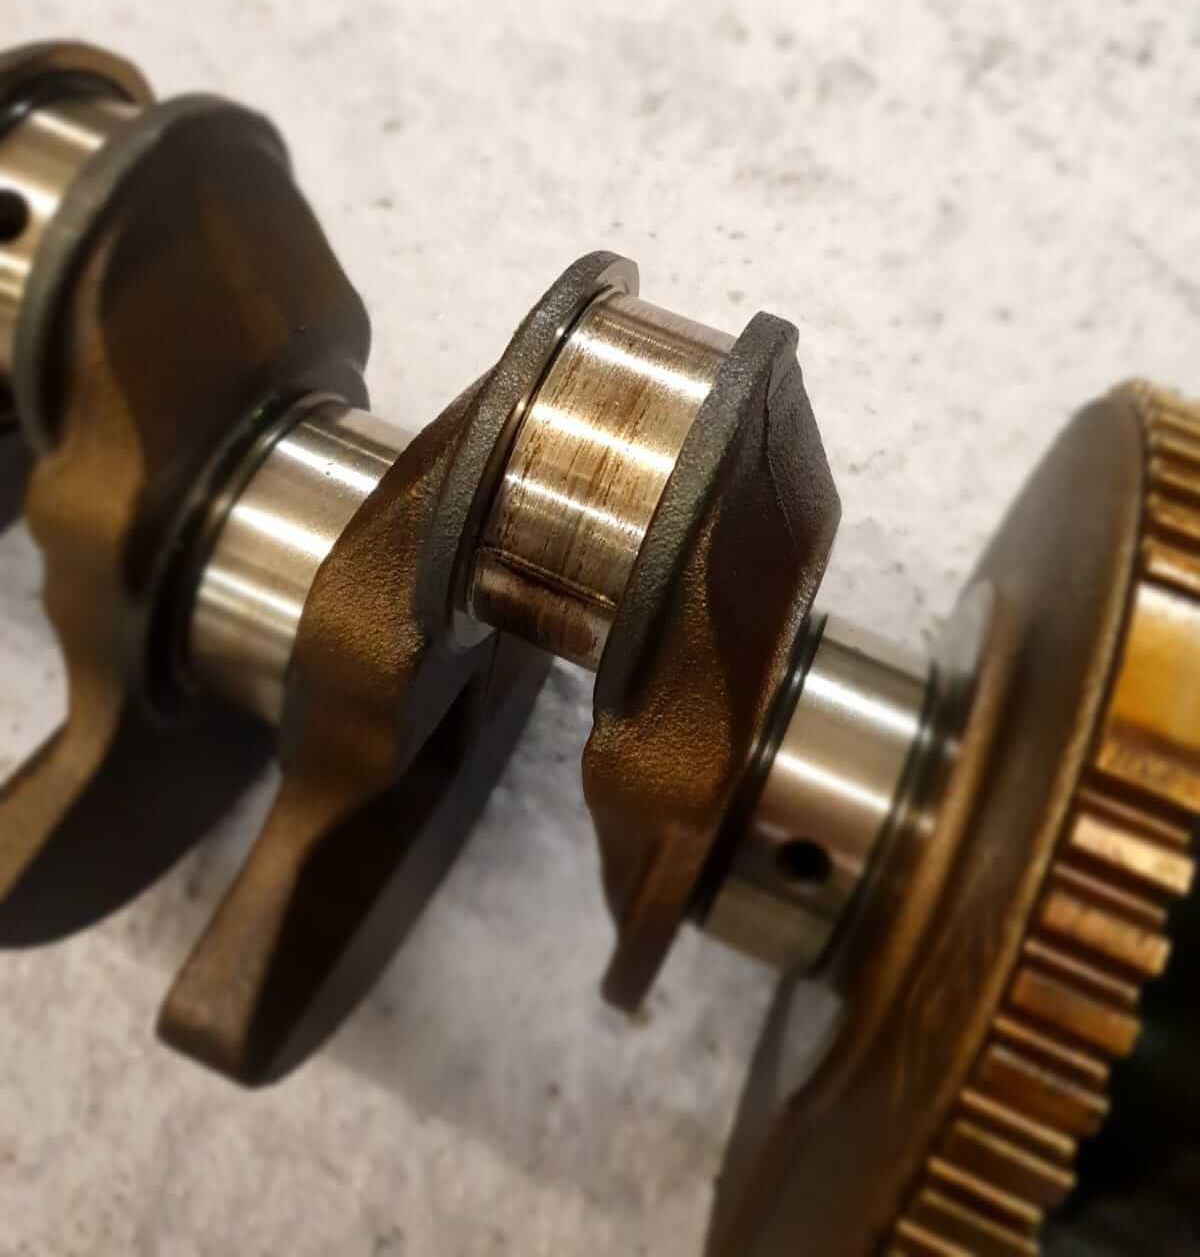 Beschädigte Kurbelwelle: Motorschaden beim BMW 116i N43B20